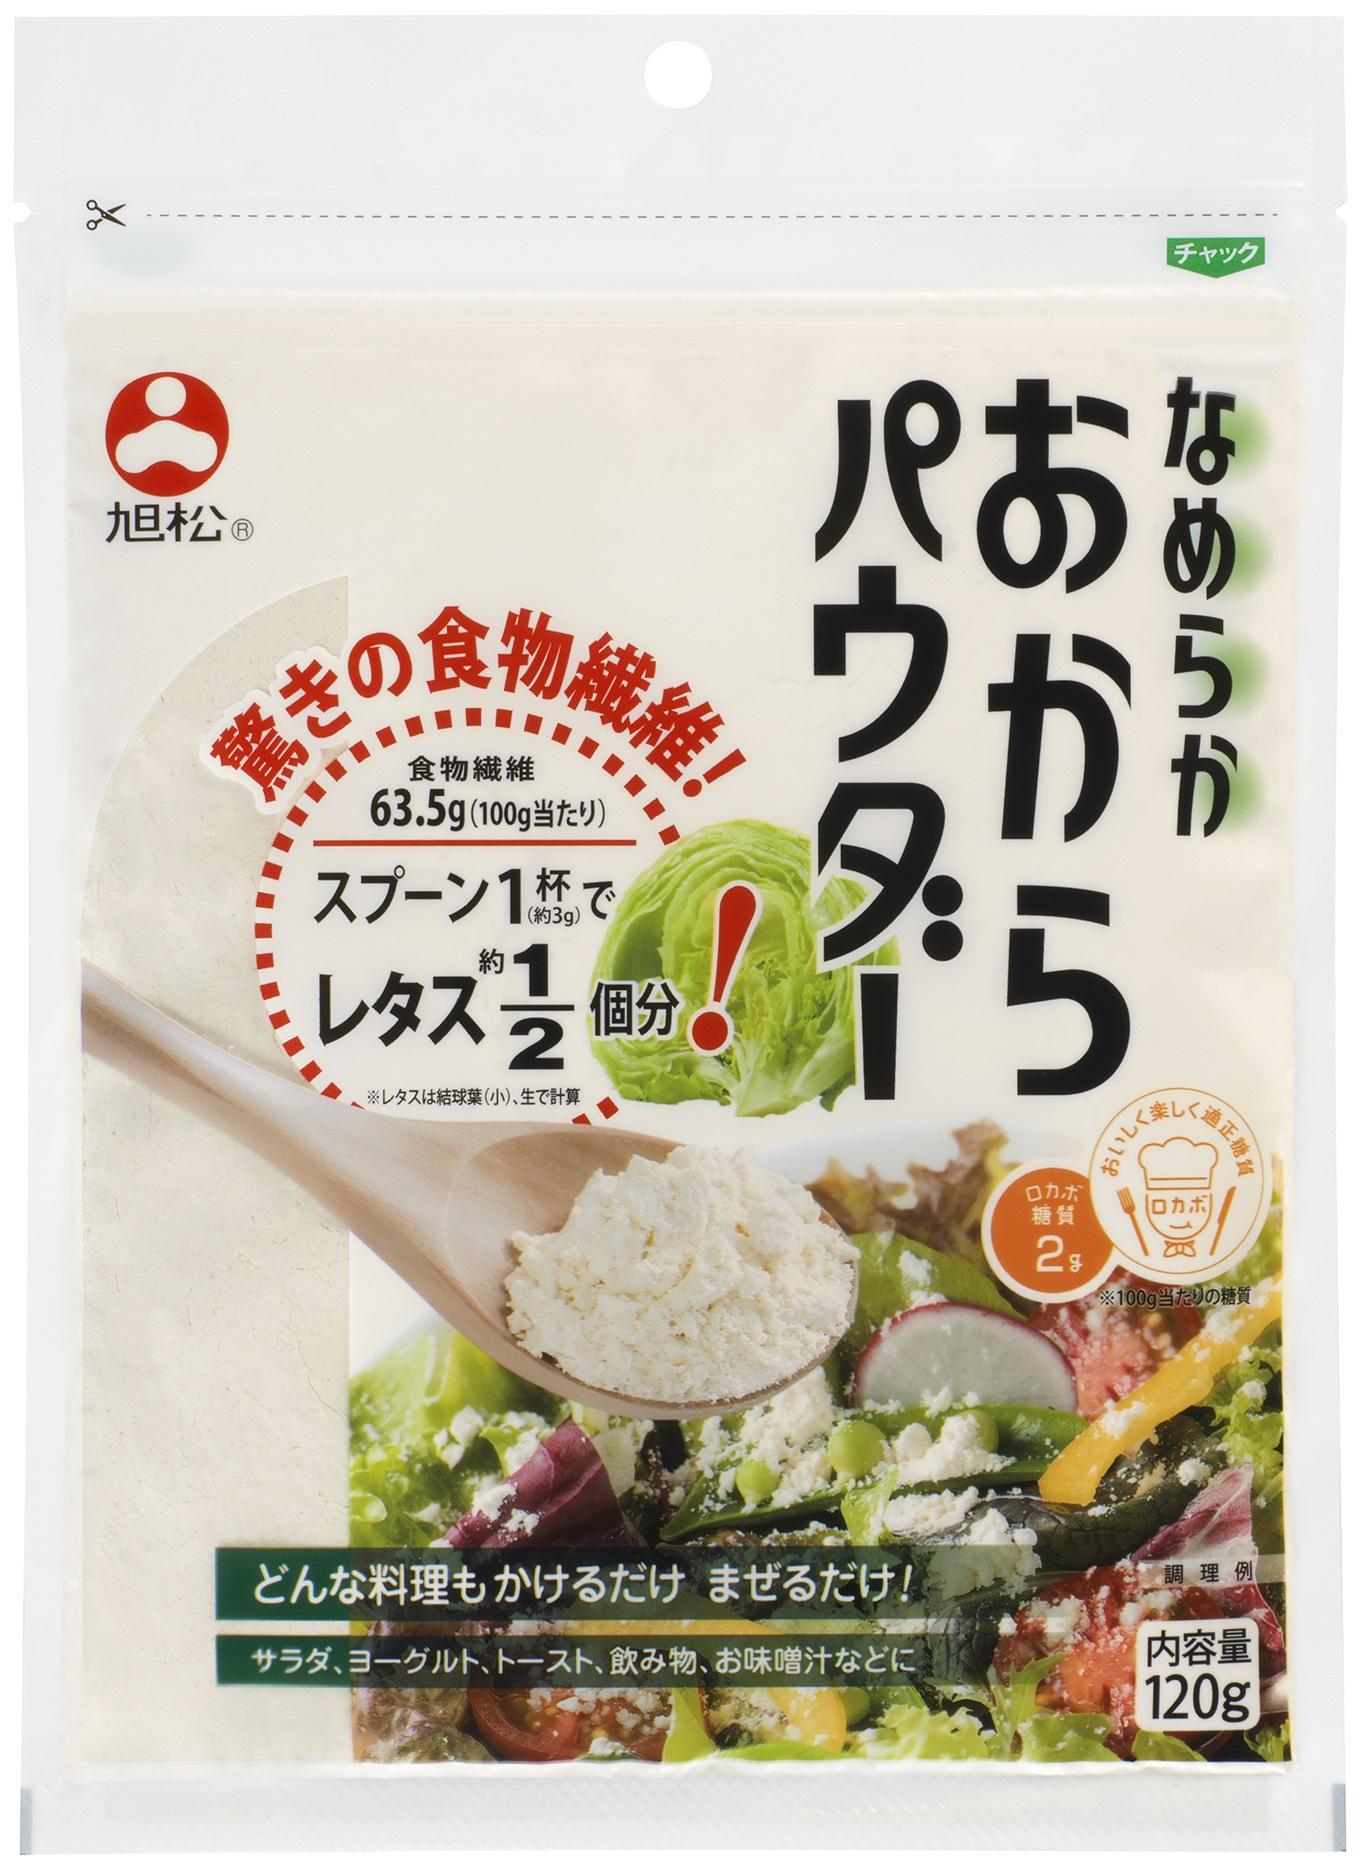 """高野豆腐の""""おからパウダー""""で血糖値上昇抑制効果を確認"""